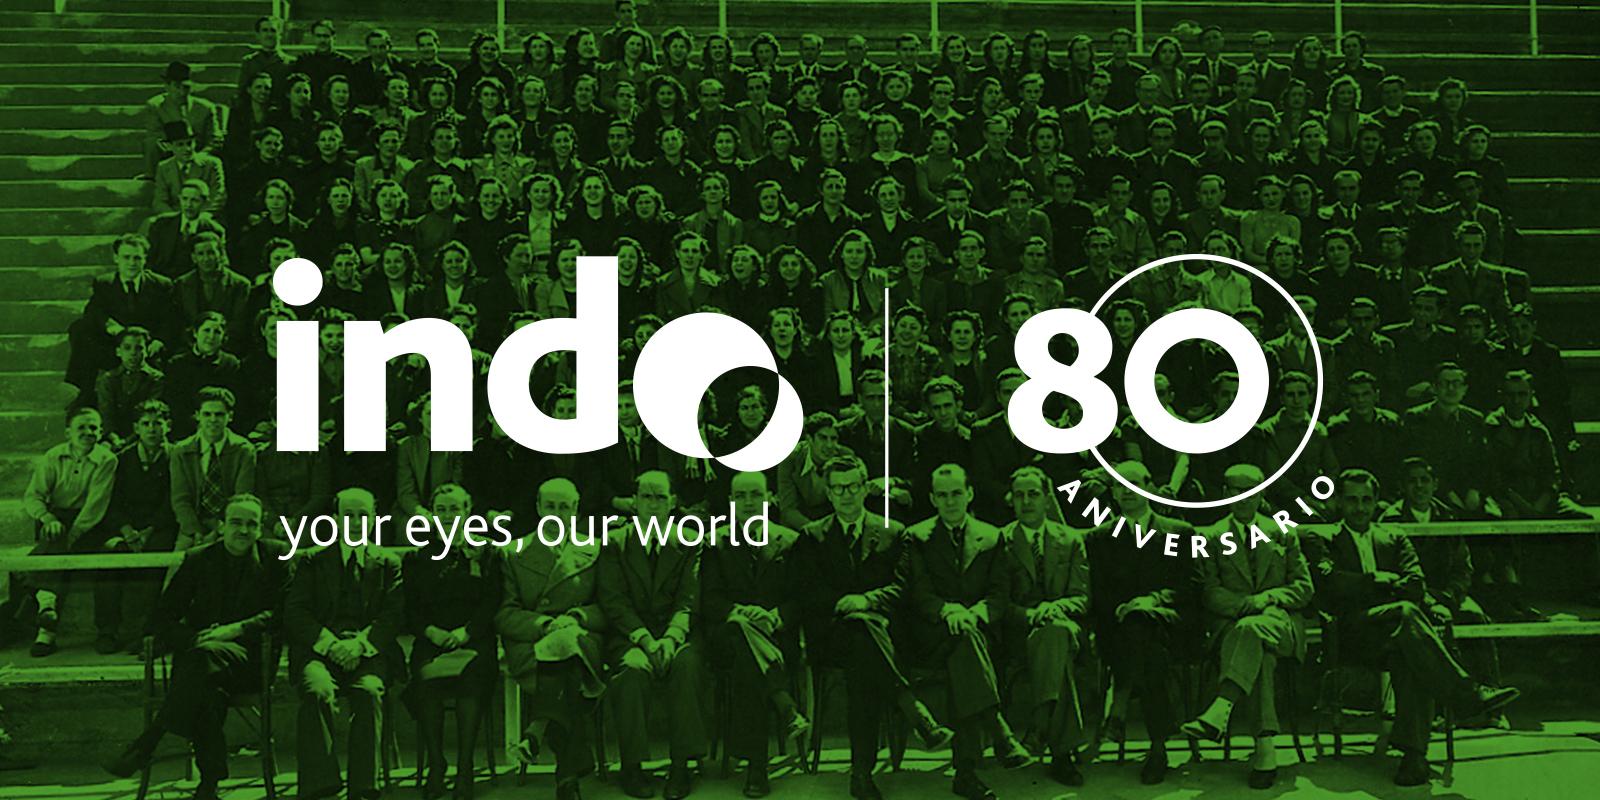 bca85c8c96 Indo Optical | Tus Ojos, Nuestro Mundo | Óptico | Blog